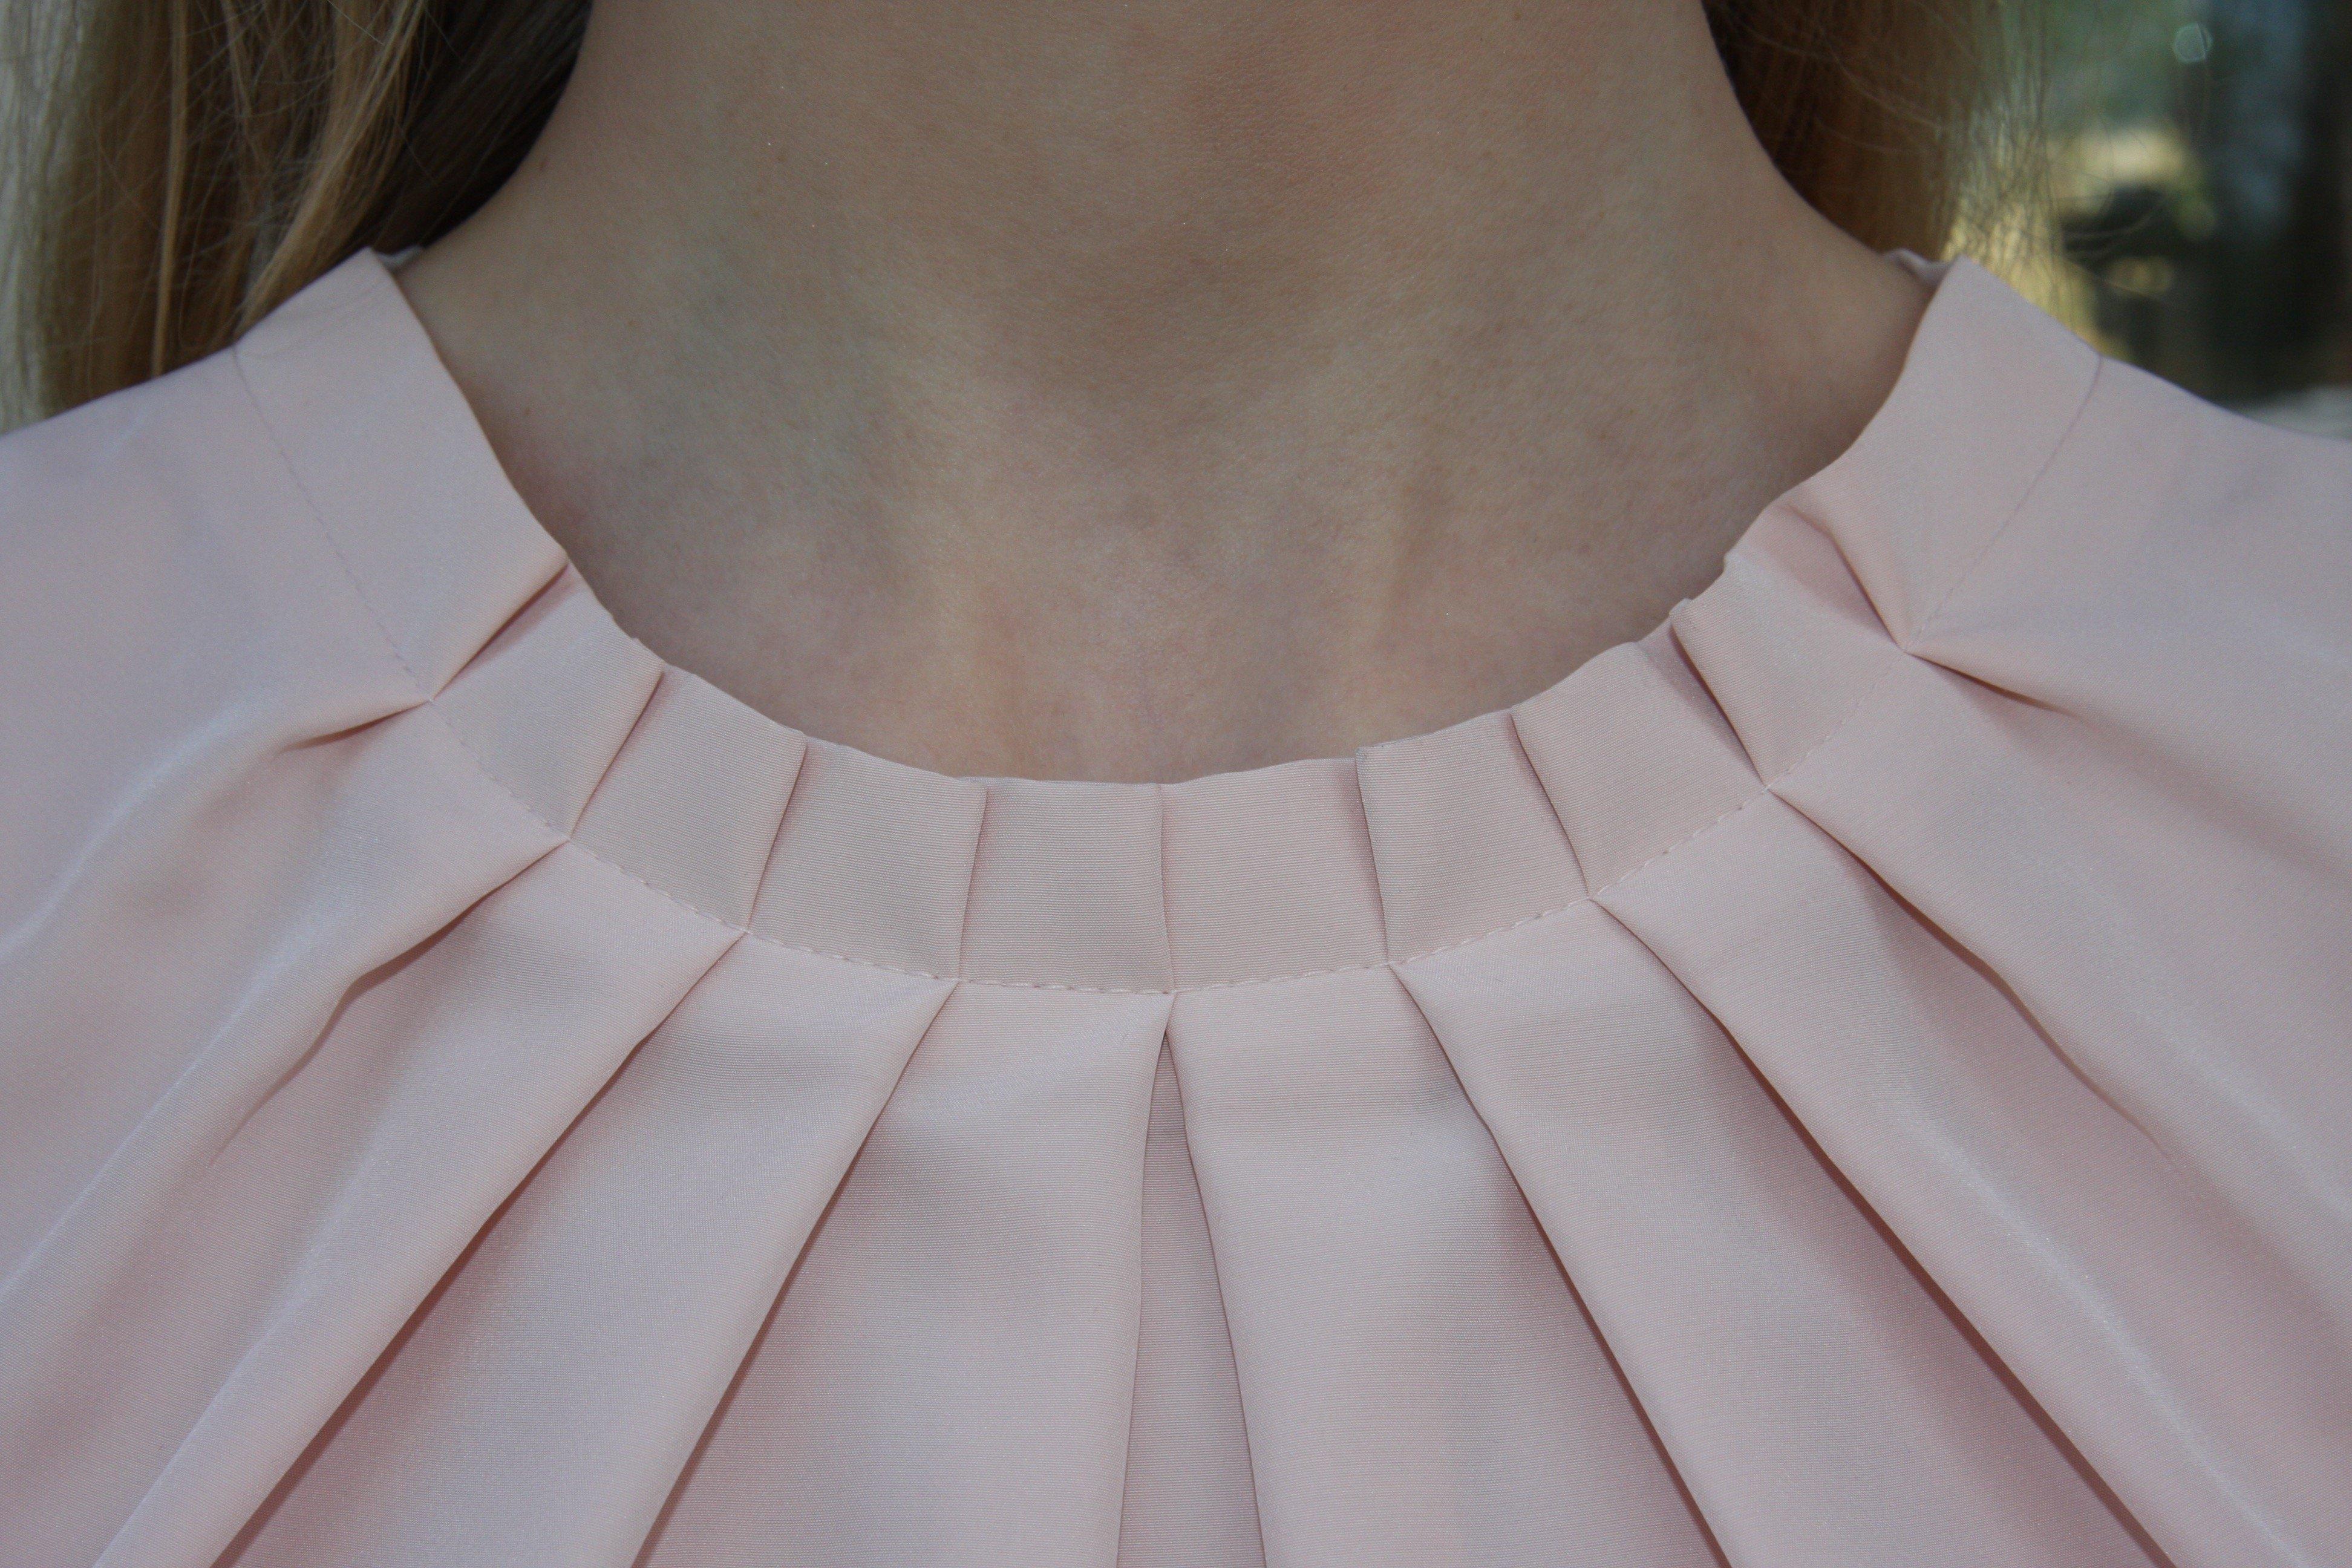 Blus/topp Pauline gammelrosa med vacker plisserad krage. Bild på krage framifrån.